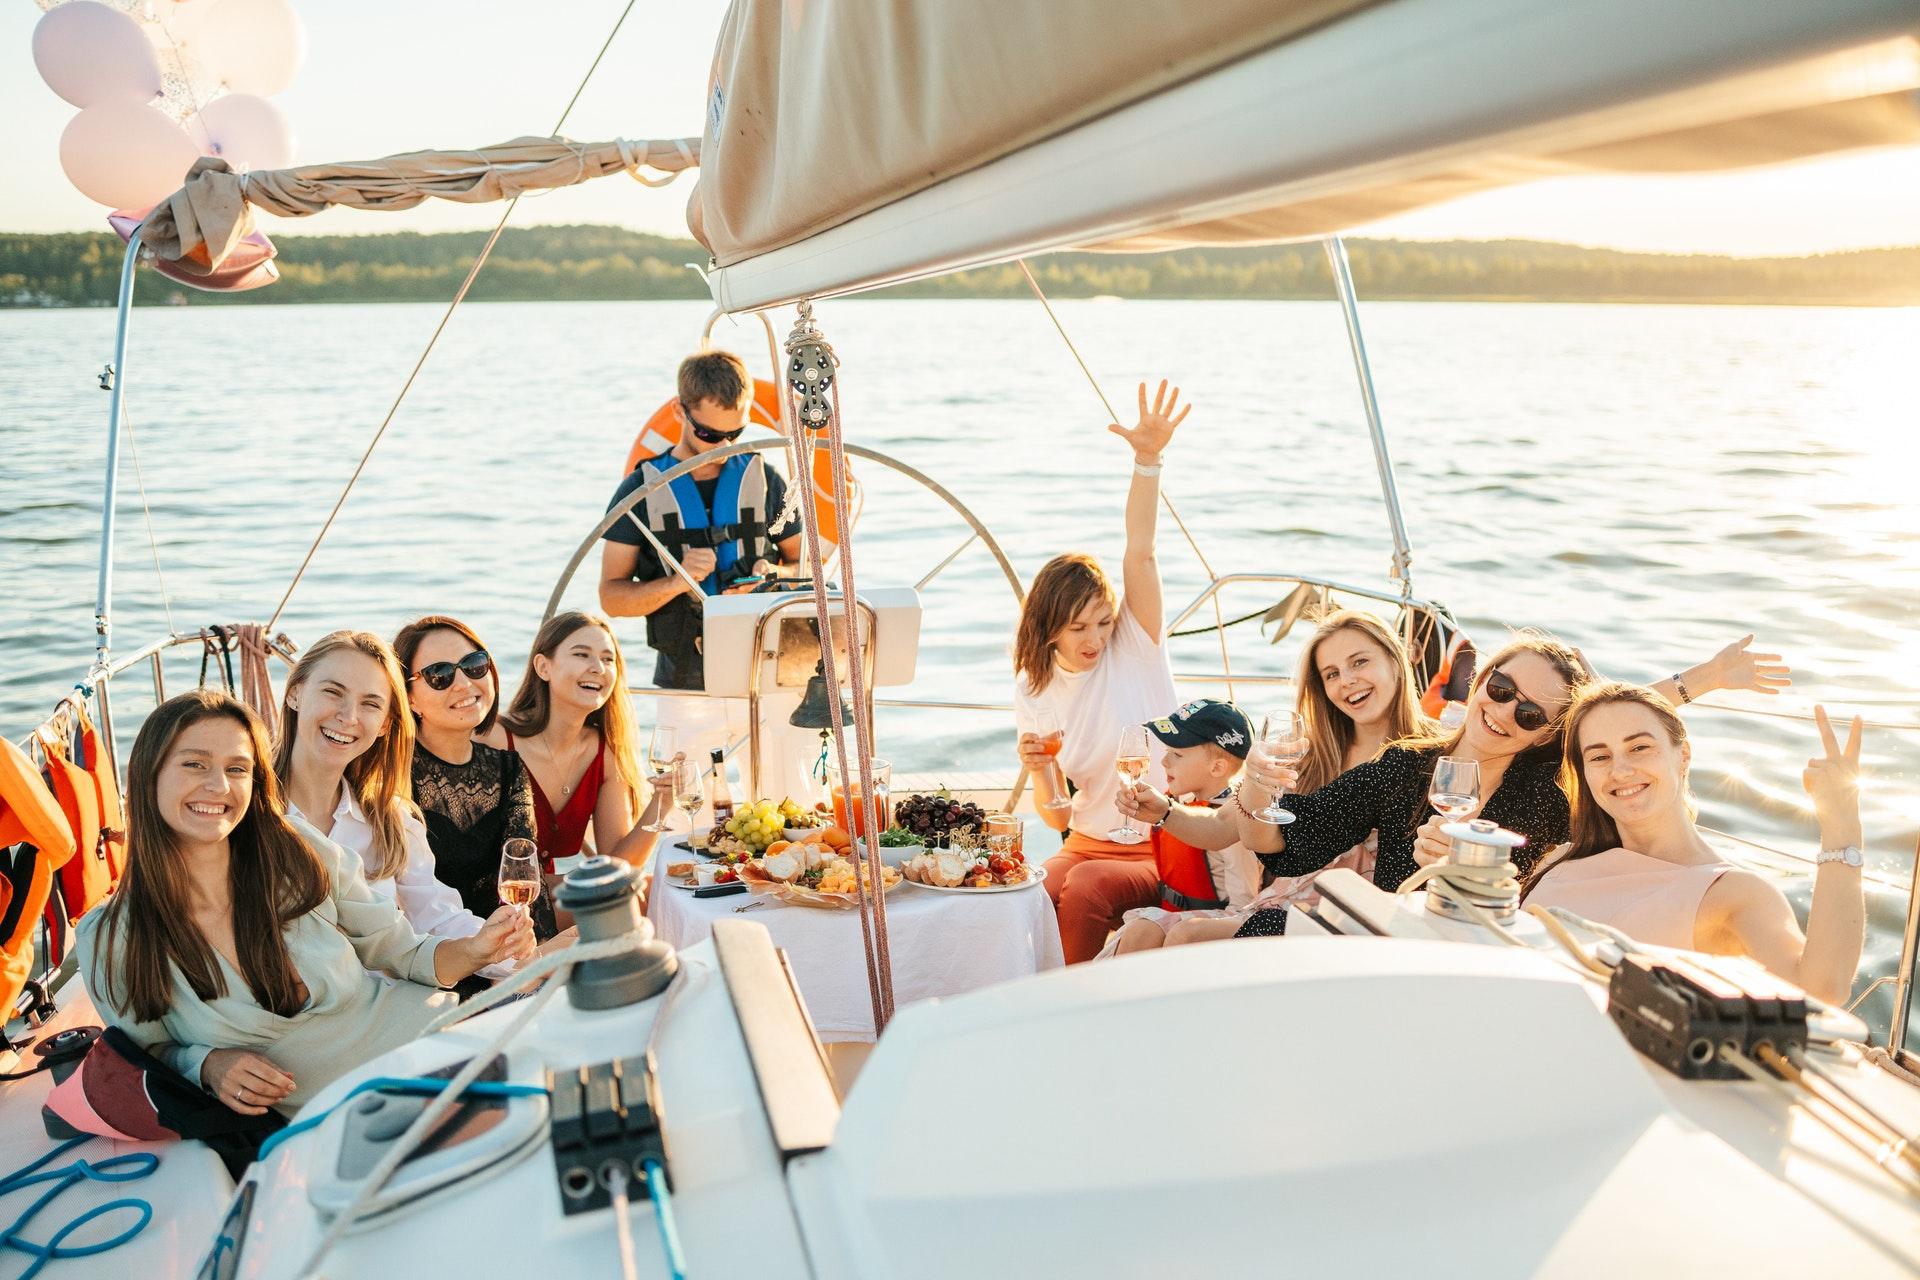 Celebrate-luxury-style-travel